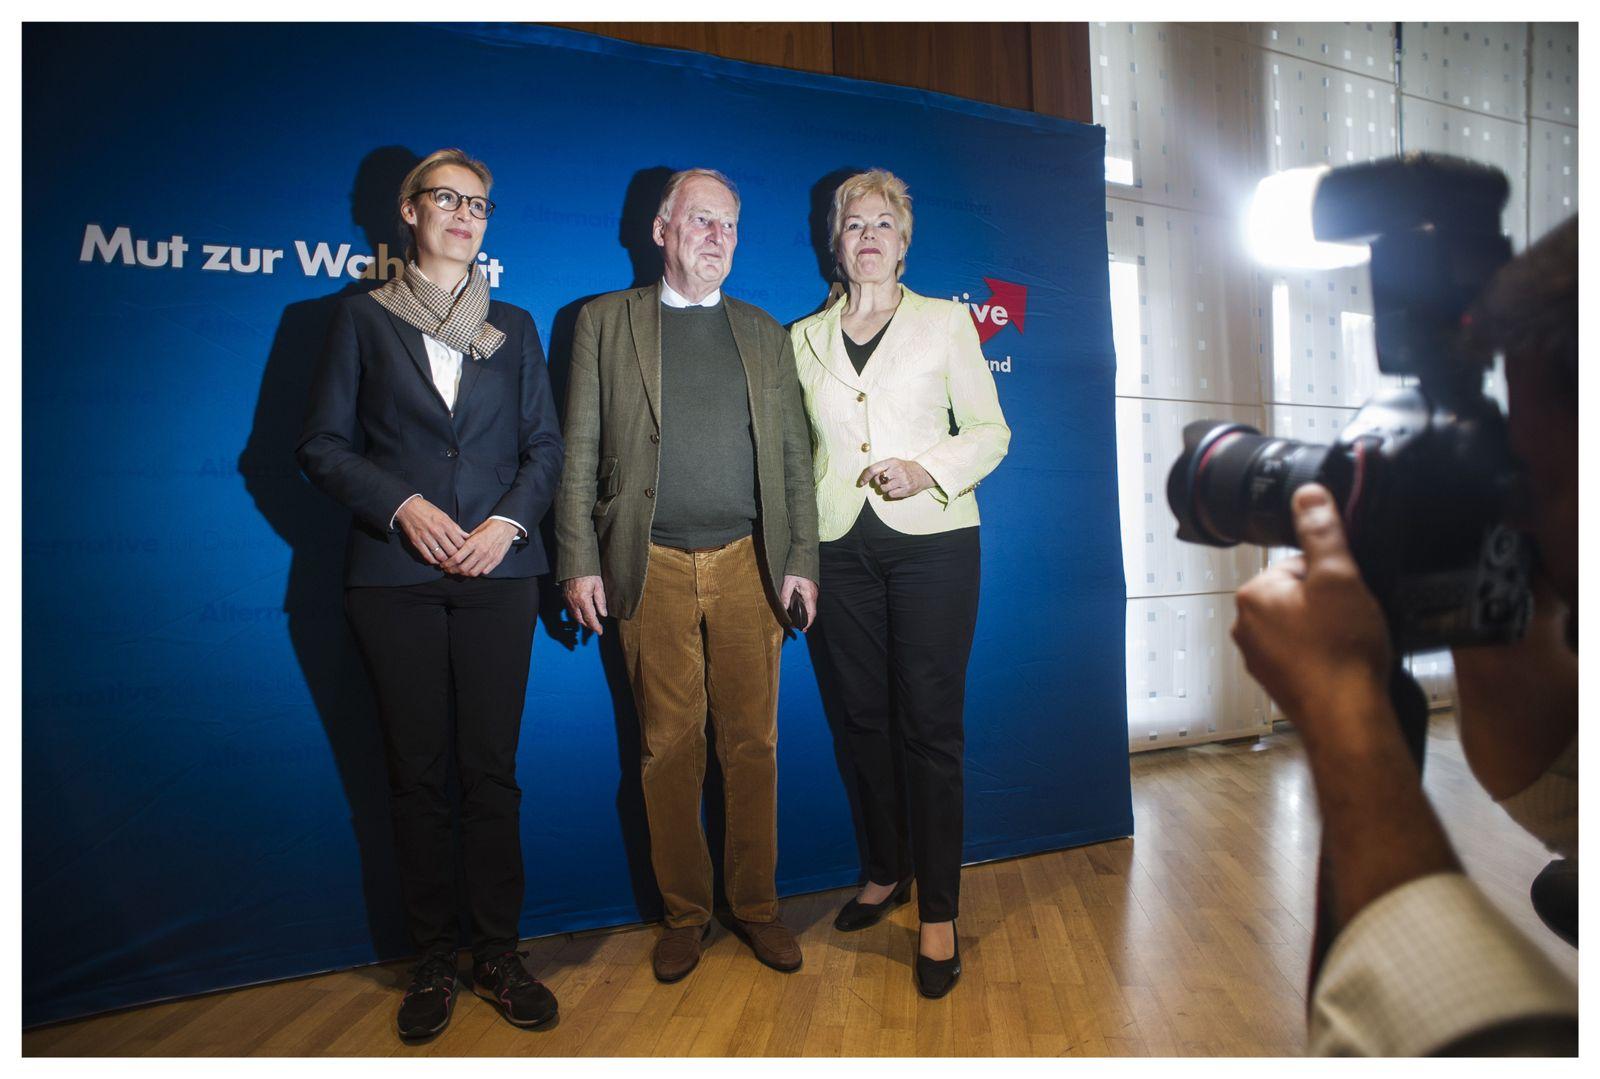 EINMALIGE VERWENDUNG SPIN SPIEGEL 37/2017 Bundestagswahlkampf AfD